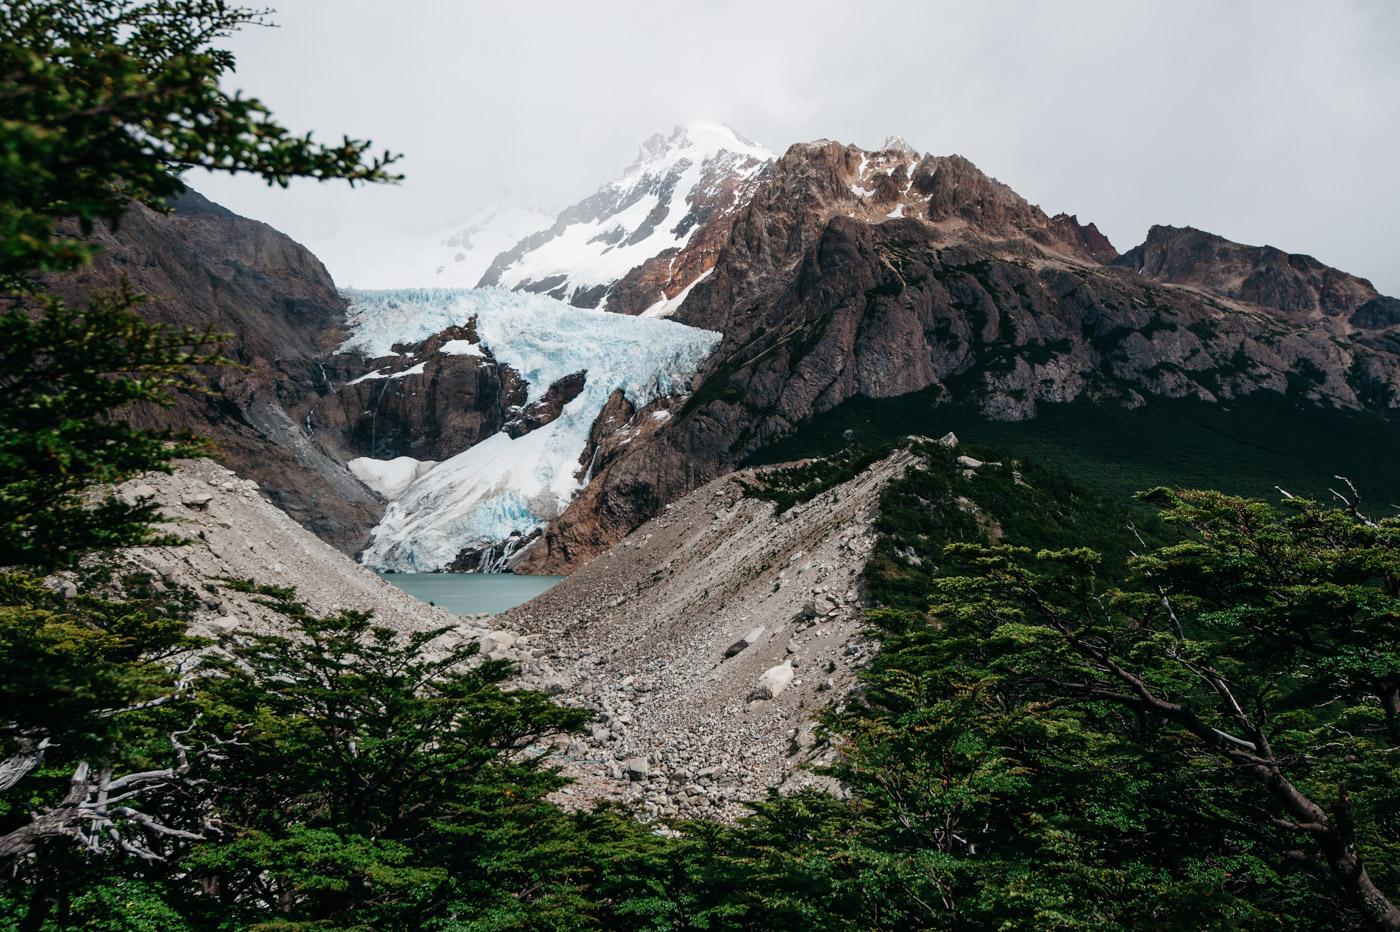 Argentina Patagonia ElChalten FitzRoy LagunaDeLosTres-003